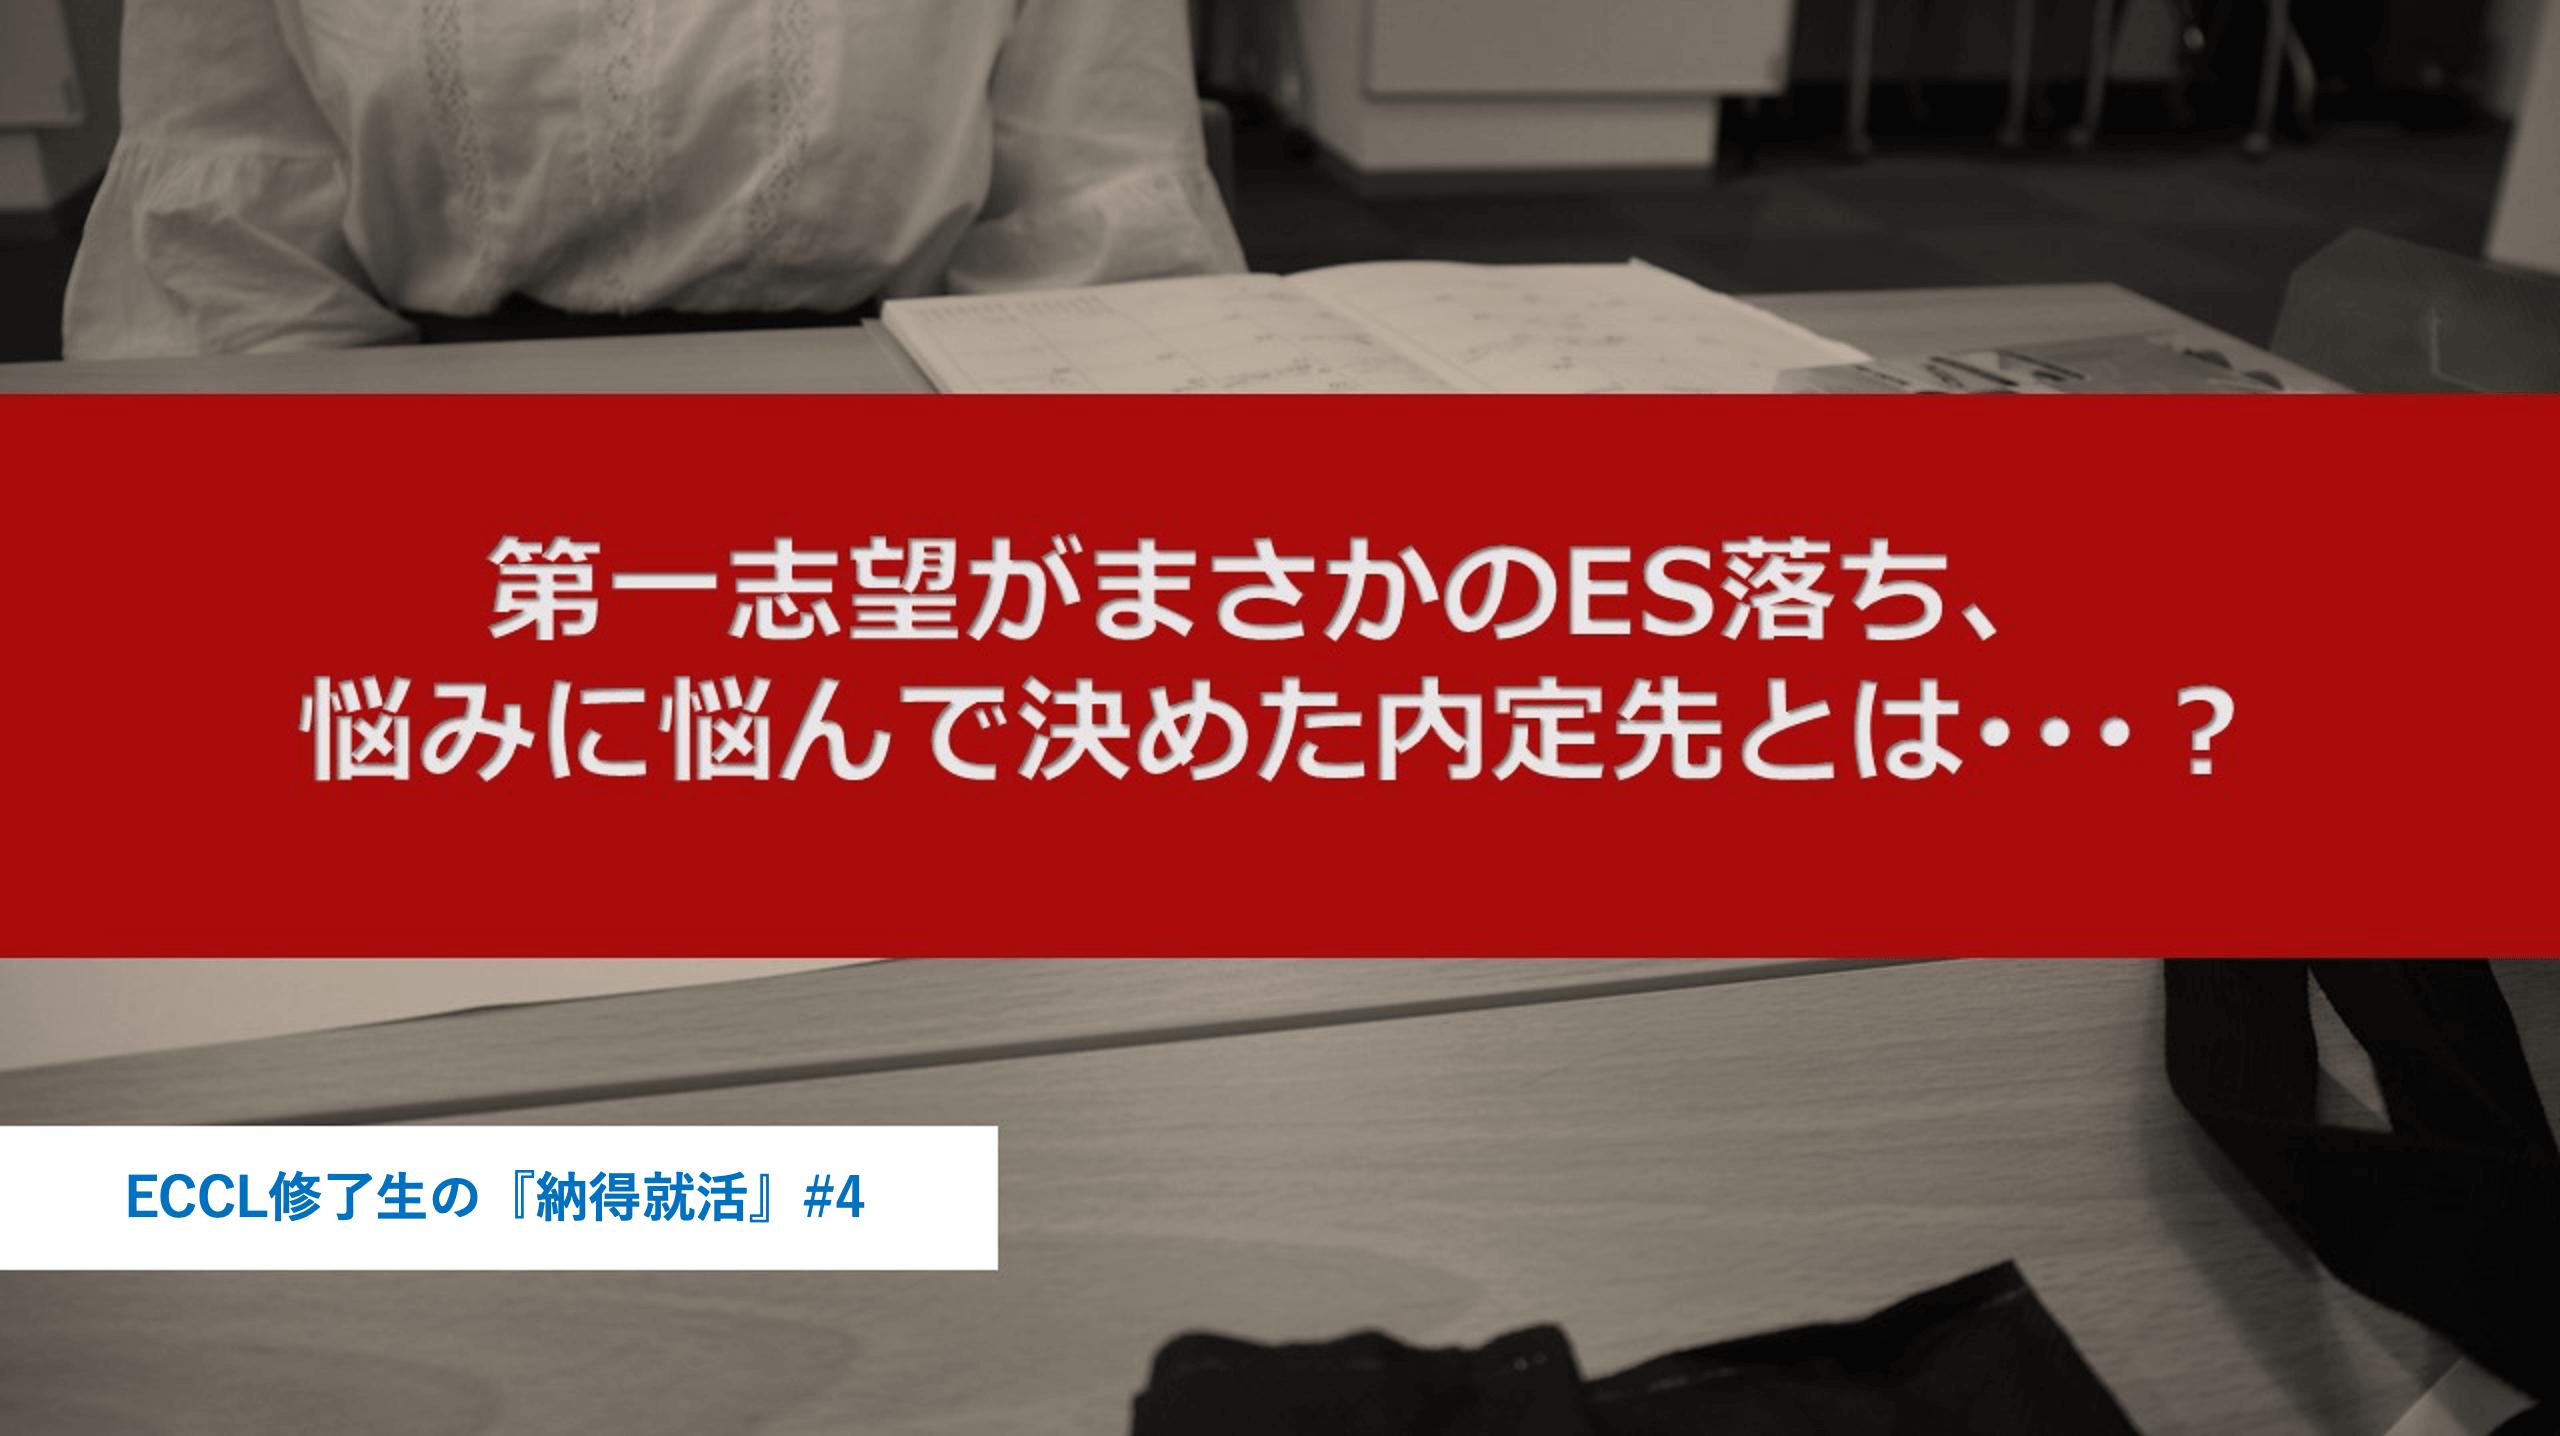 ECCL修了生の『納得就活』#4 〜大手通信会社KDDI内定/納得就活ストーリーをインタビュー!〜